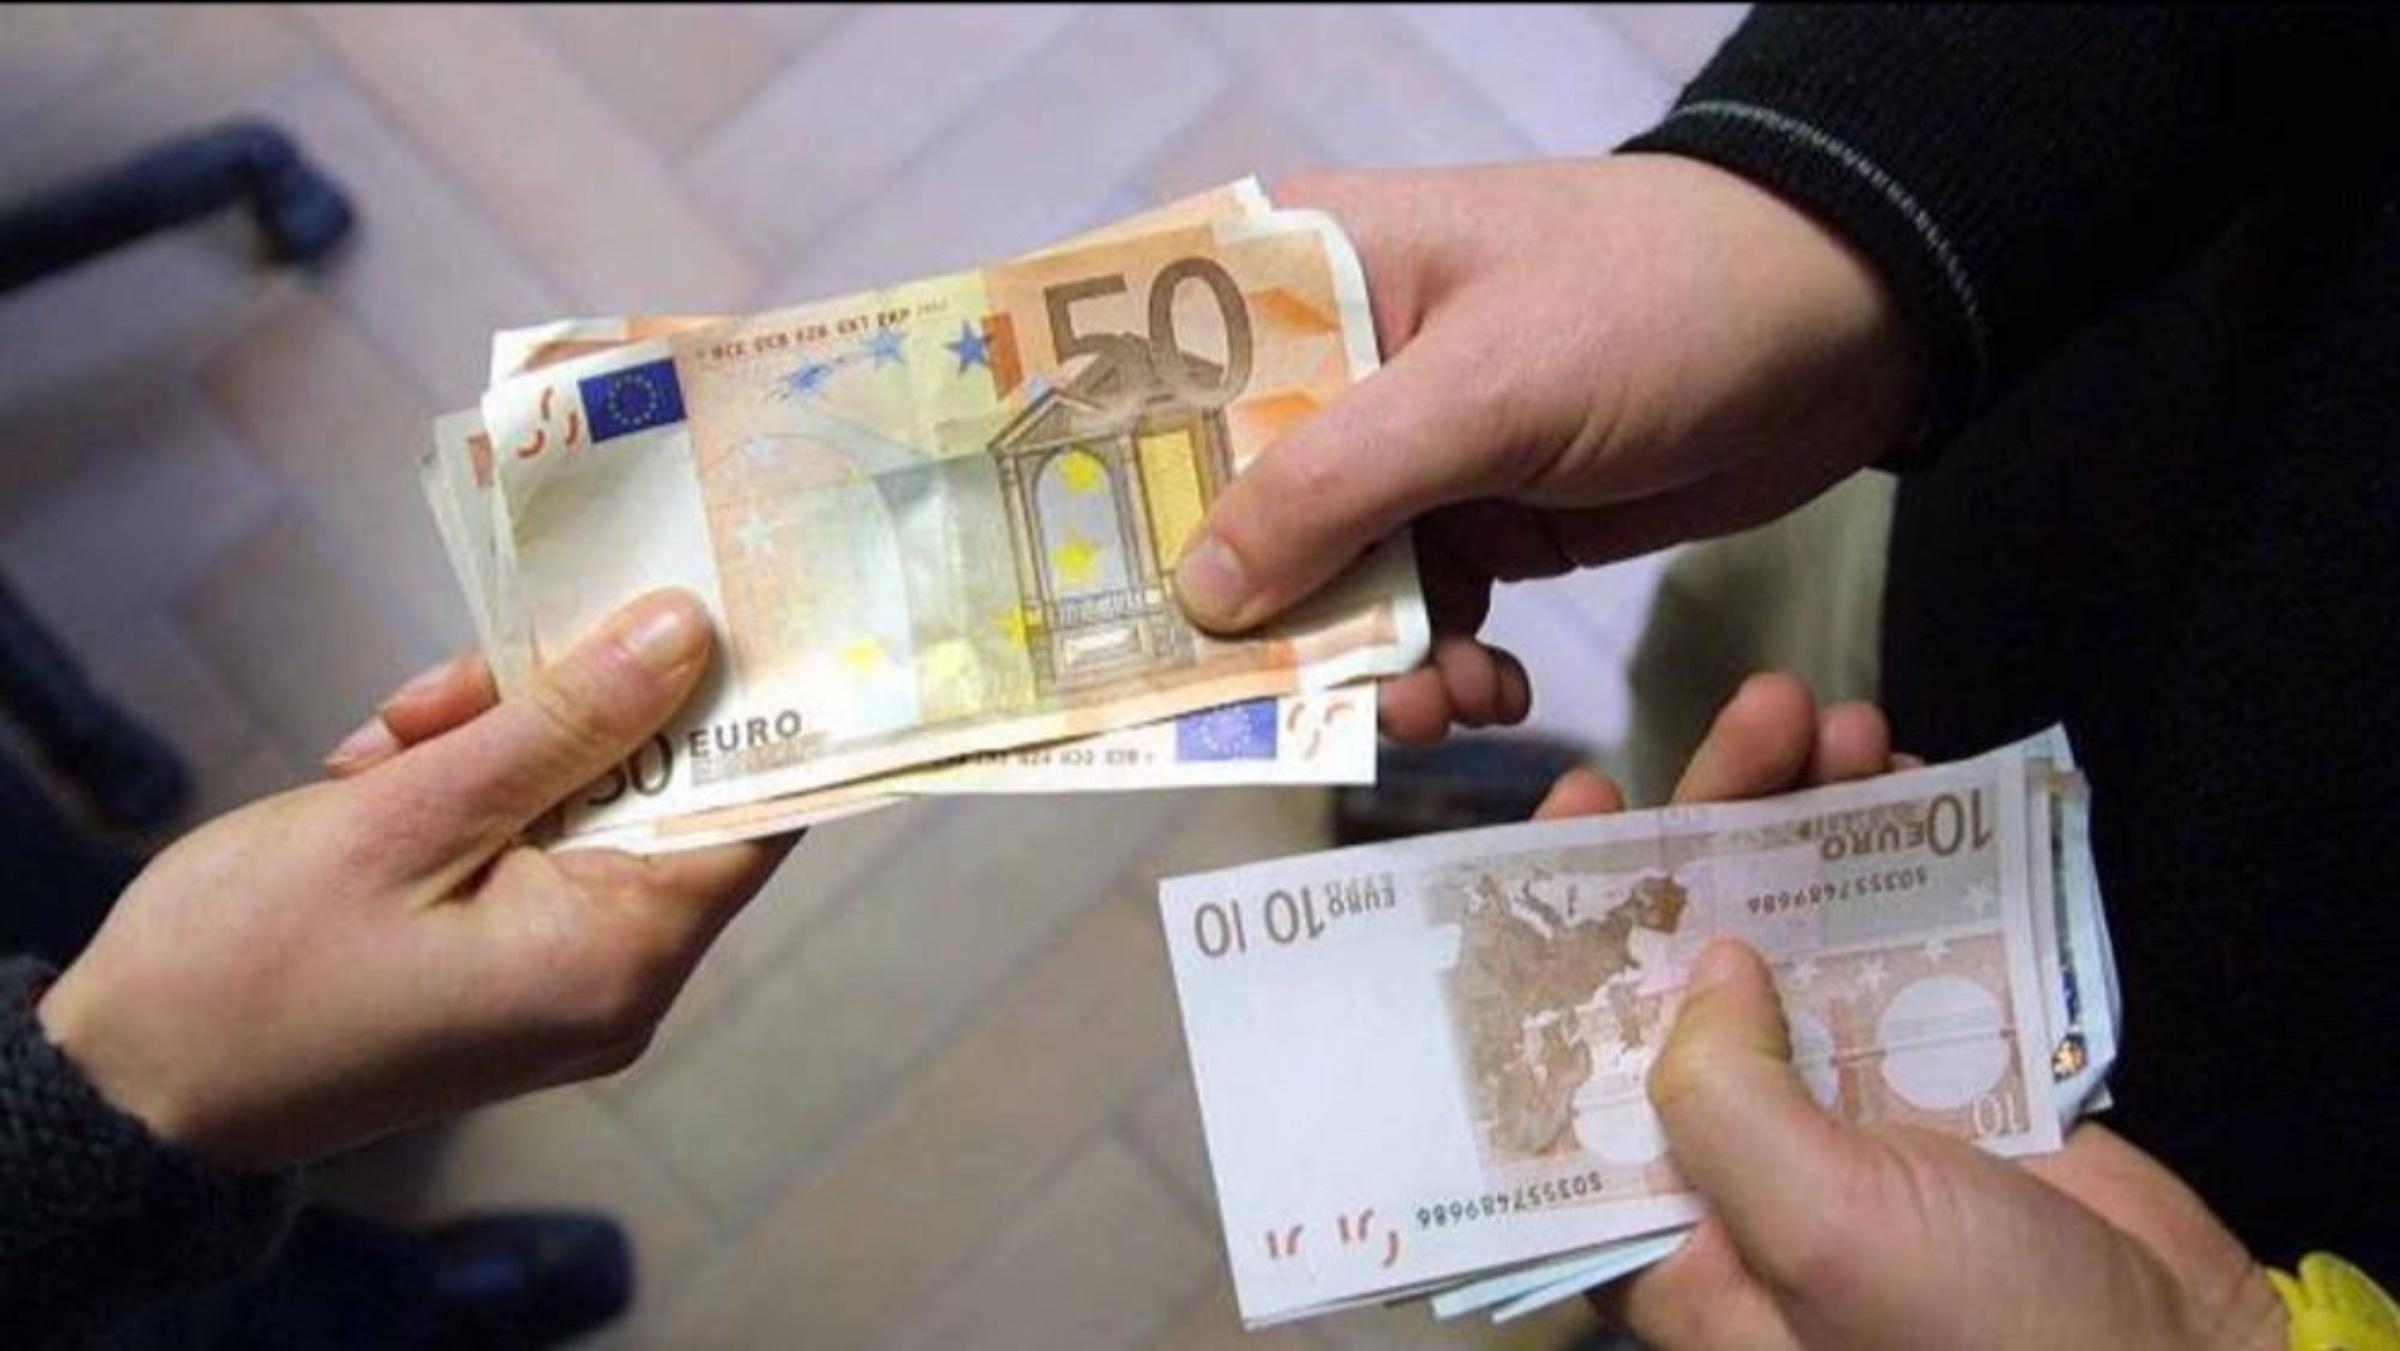 Sovraindebitamento e rischio usura: il Comune di Preganziol (Tv) attiva un nuovo servizio per i cittadini e le attività in difficoltà economiche